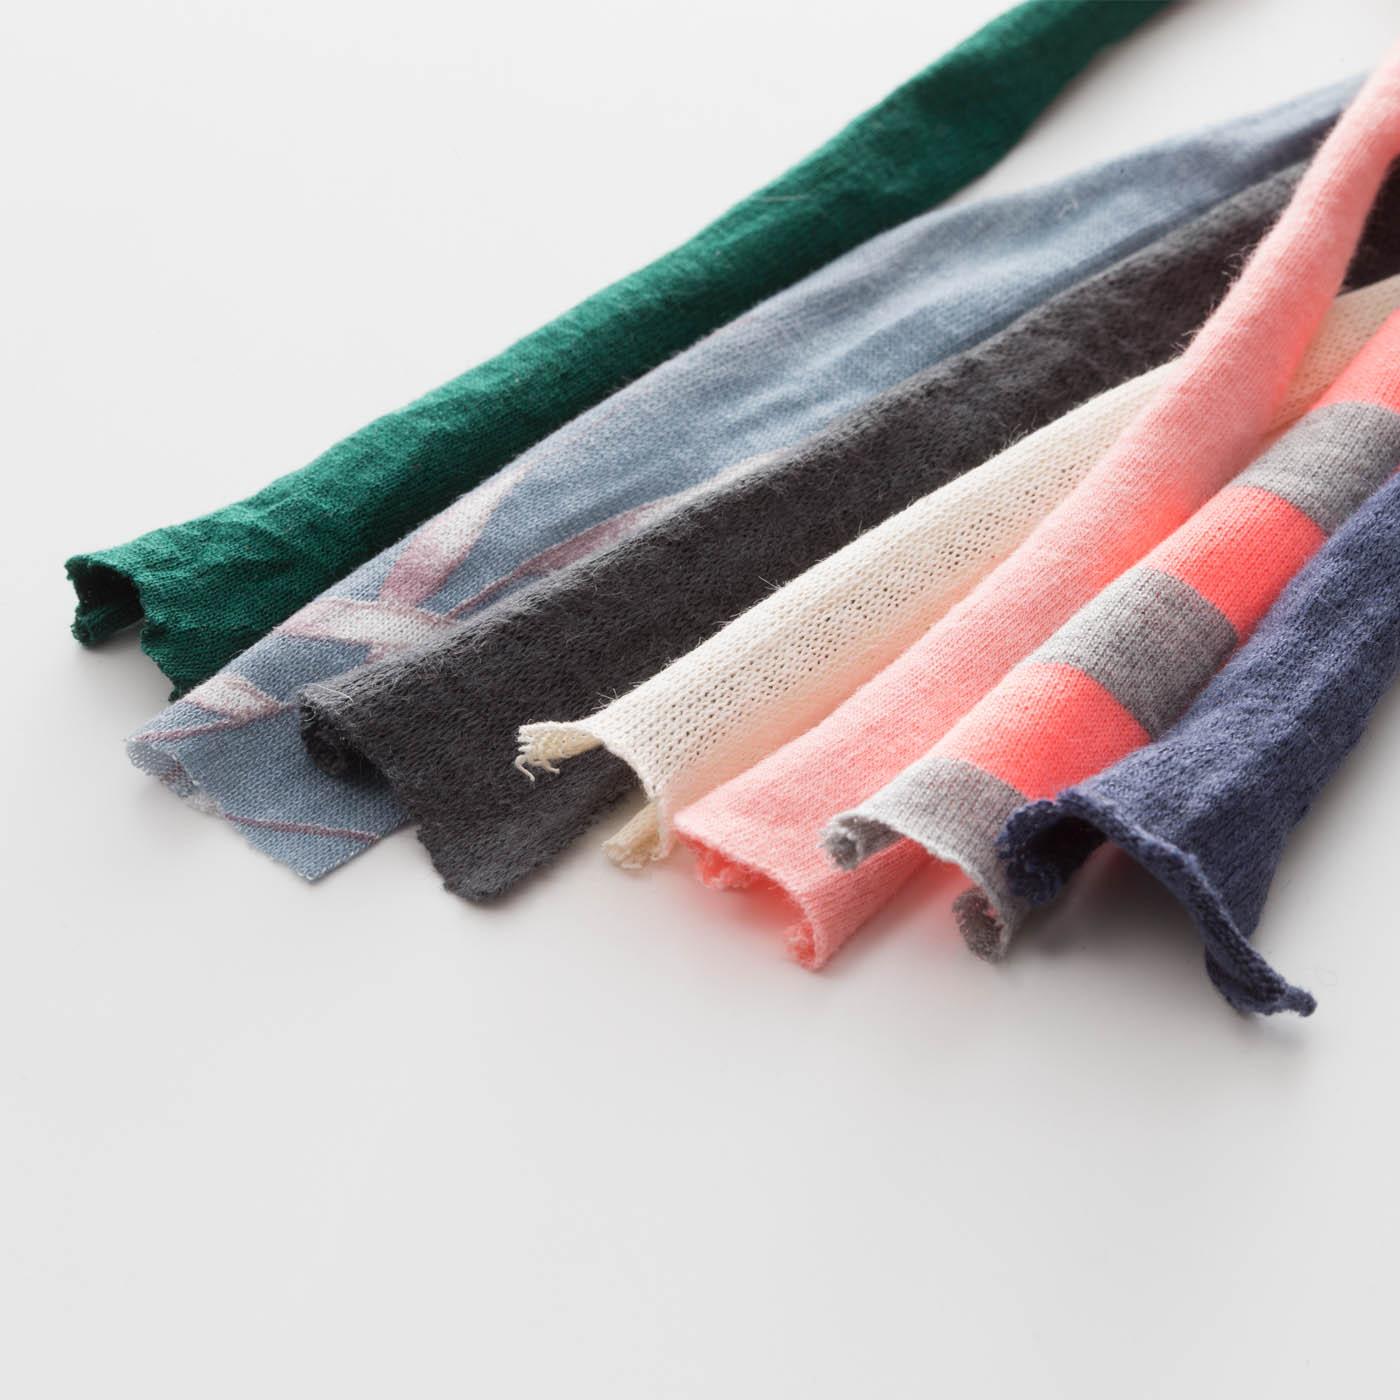 【注意事項】ズパゲッティは色やロットによって、太さや素材感、伸縮性などが異なります。アップサイクル品ならではの一期一会の出会いをお楽しみください。